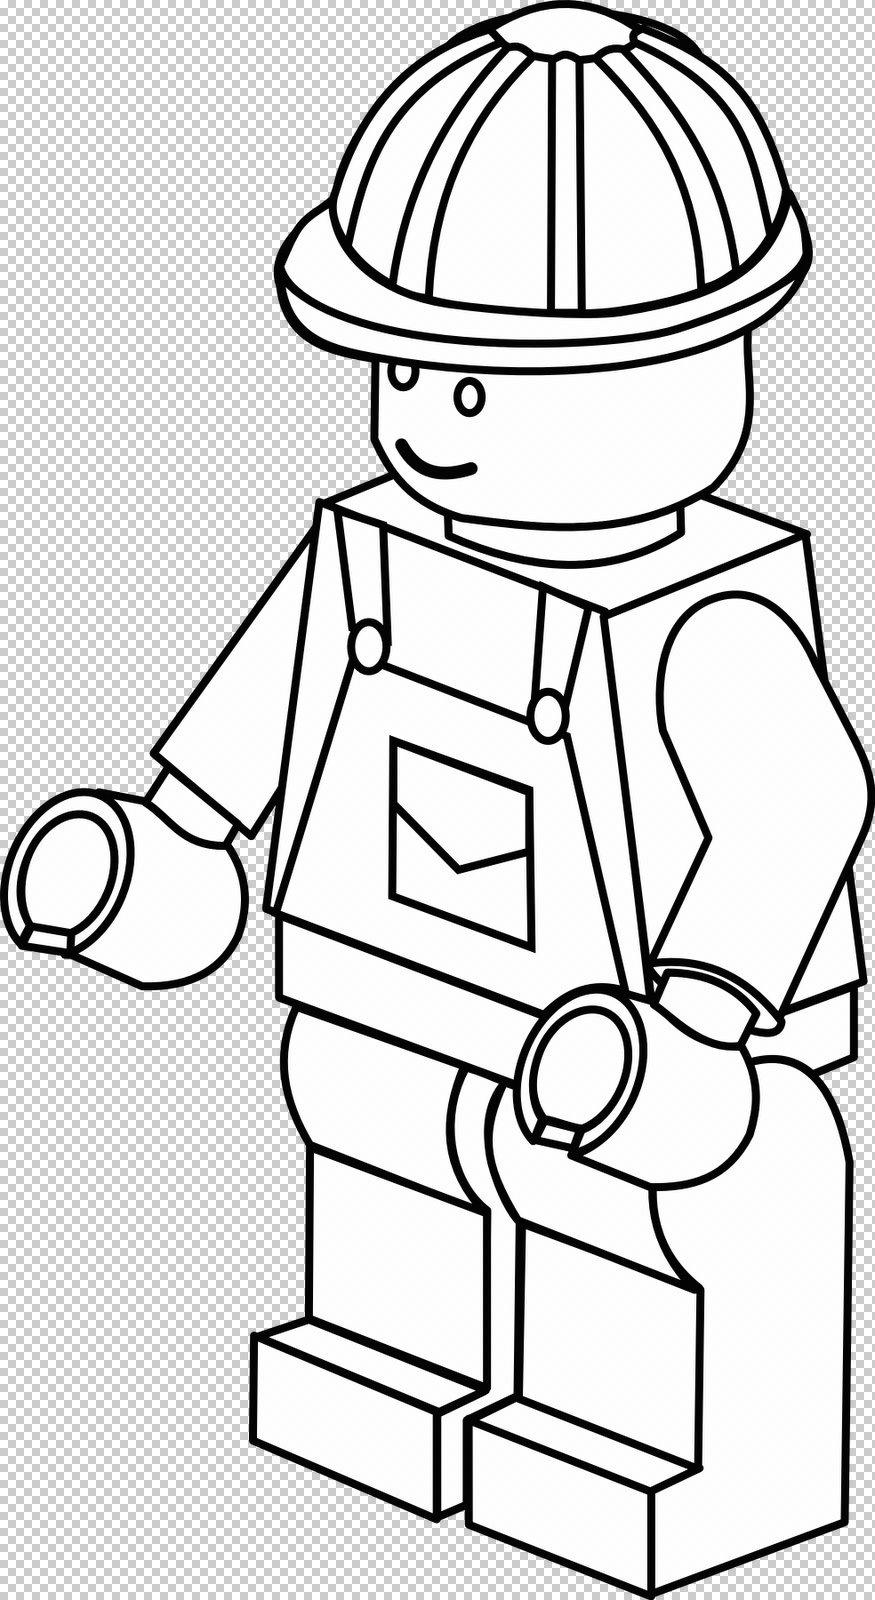 Lego City Desenhos Para Pintar Imprimir E Colorir Desenhos